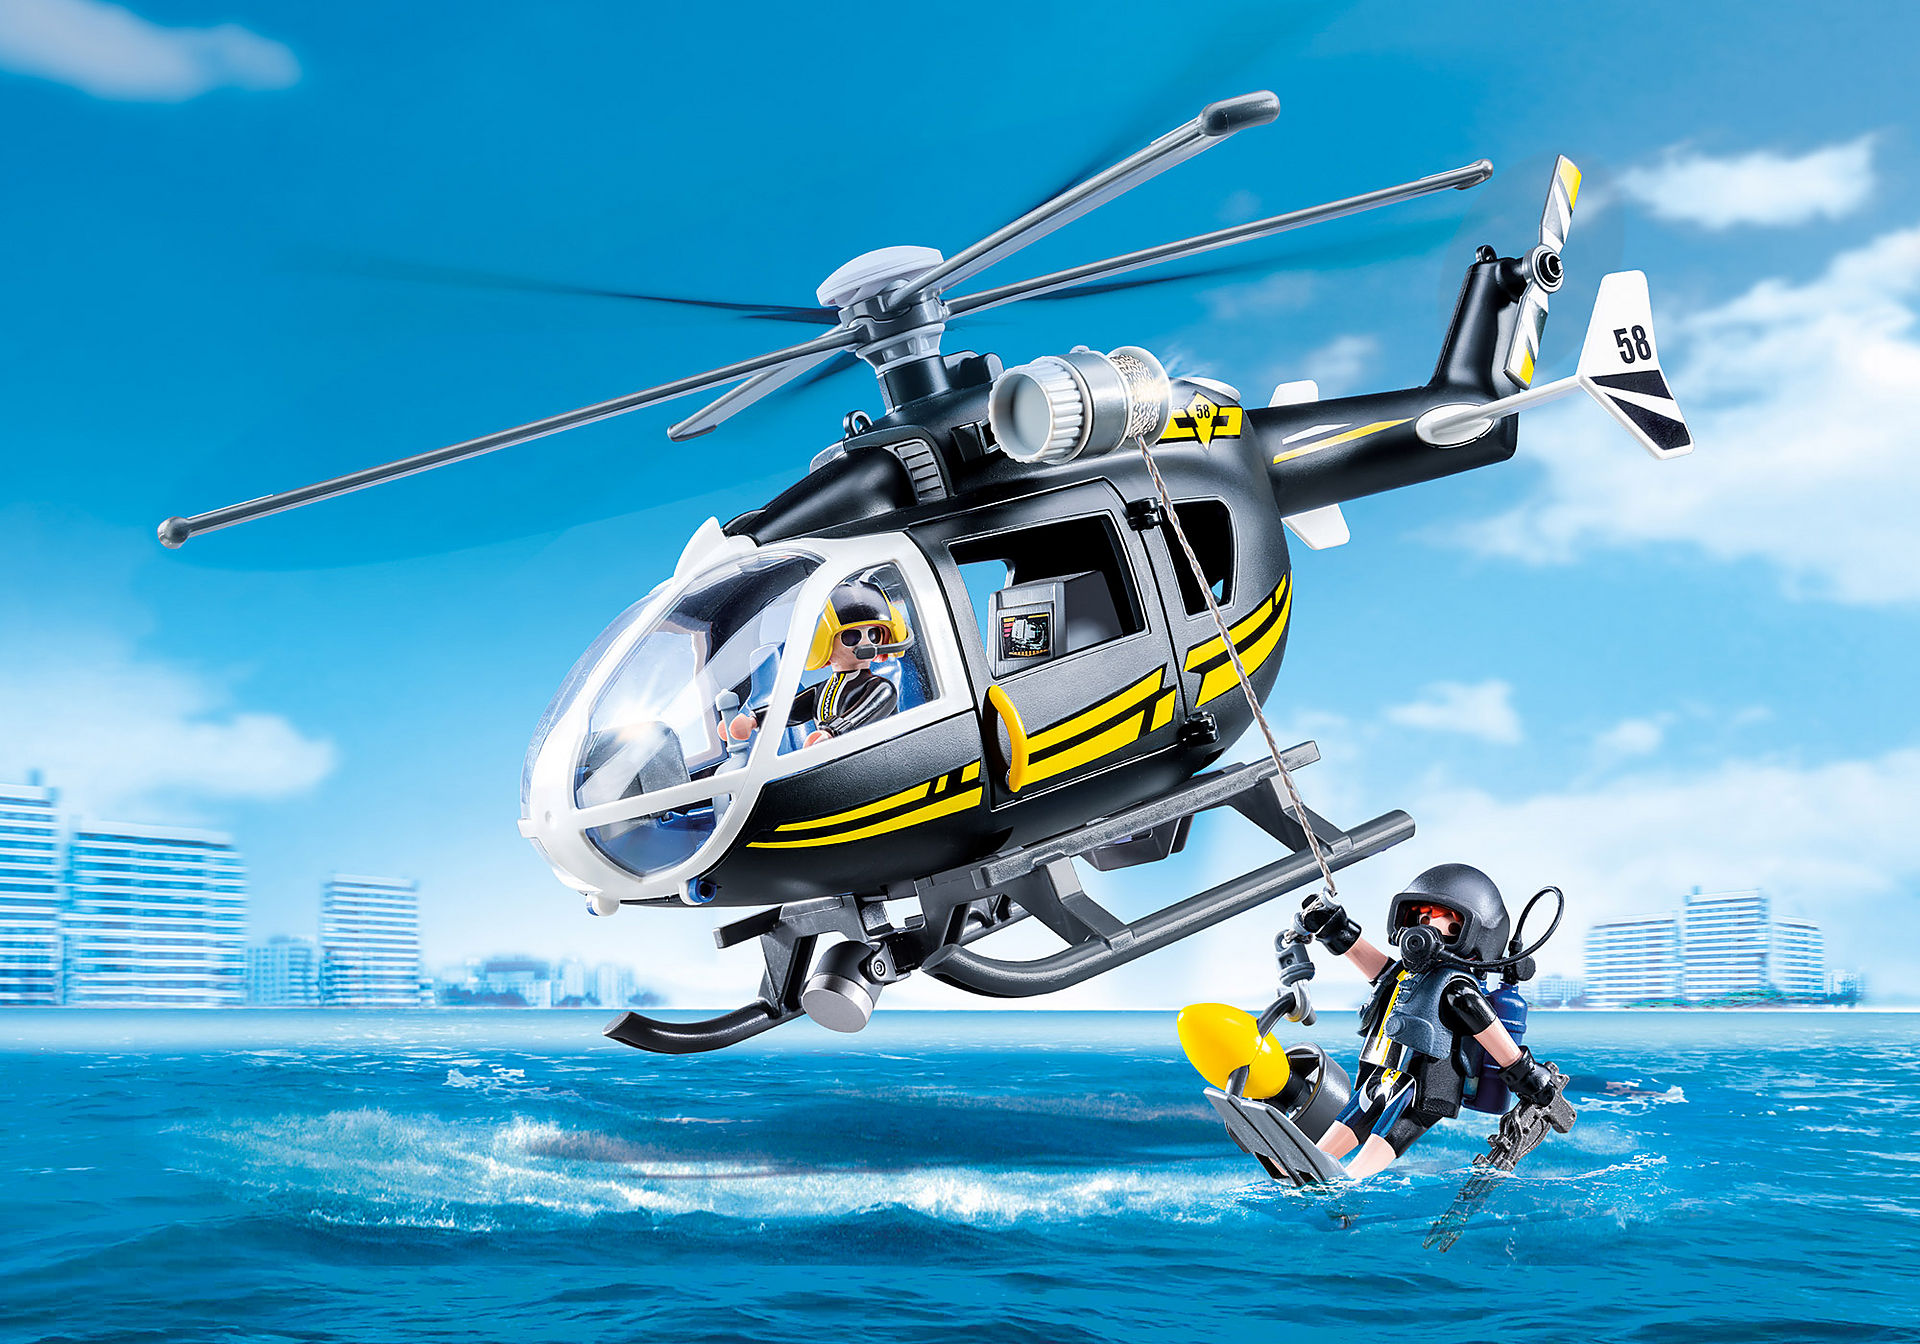 9363 Helicóptero das Forças Especiais zoom image1